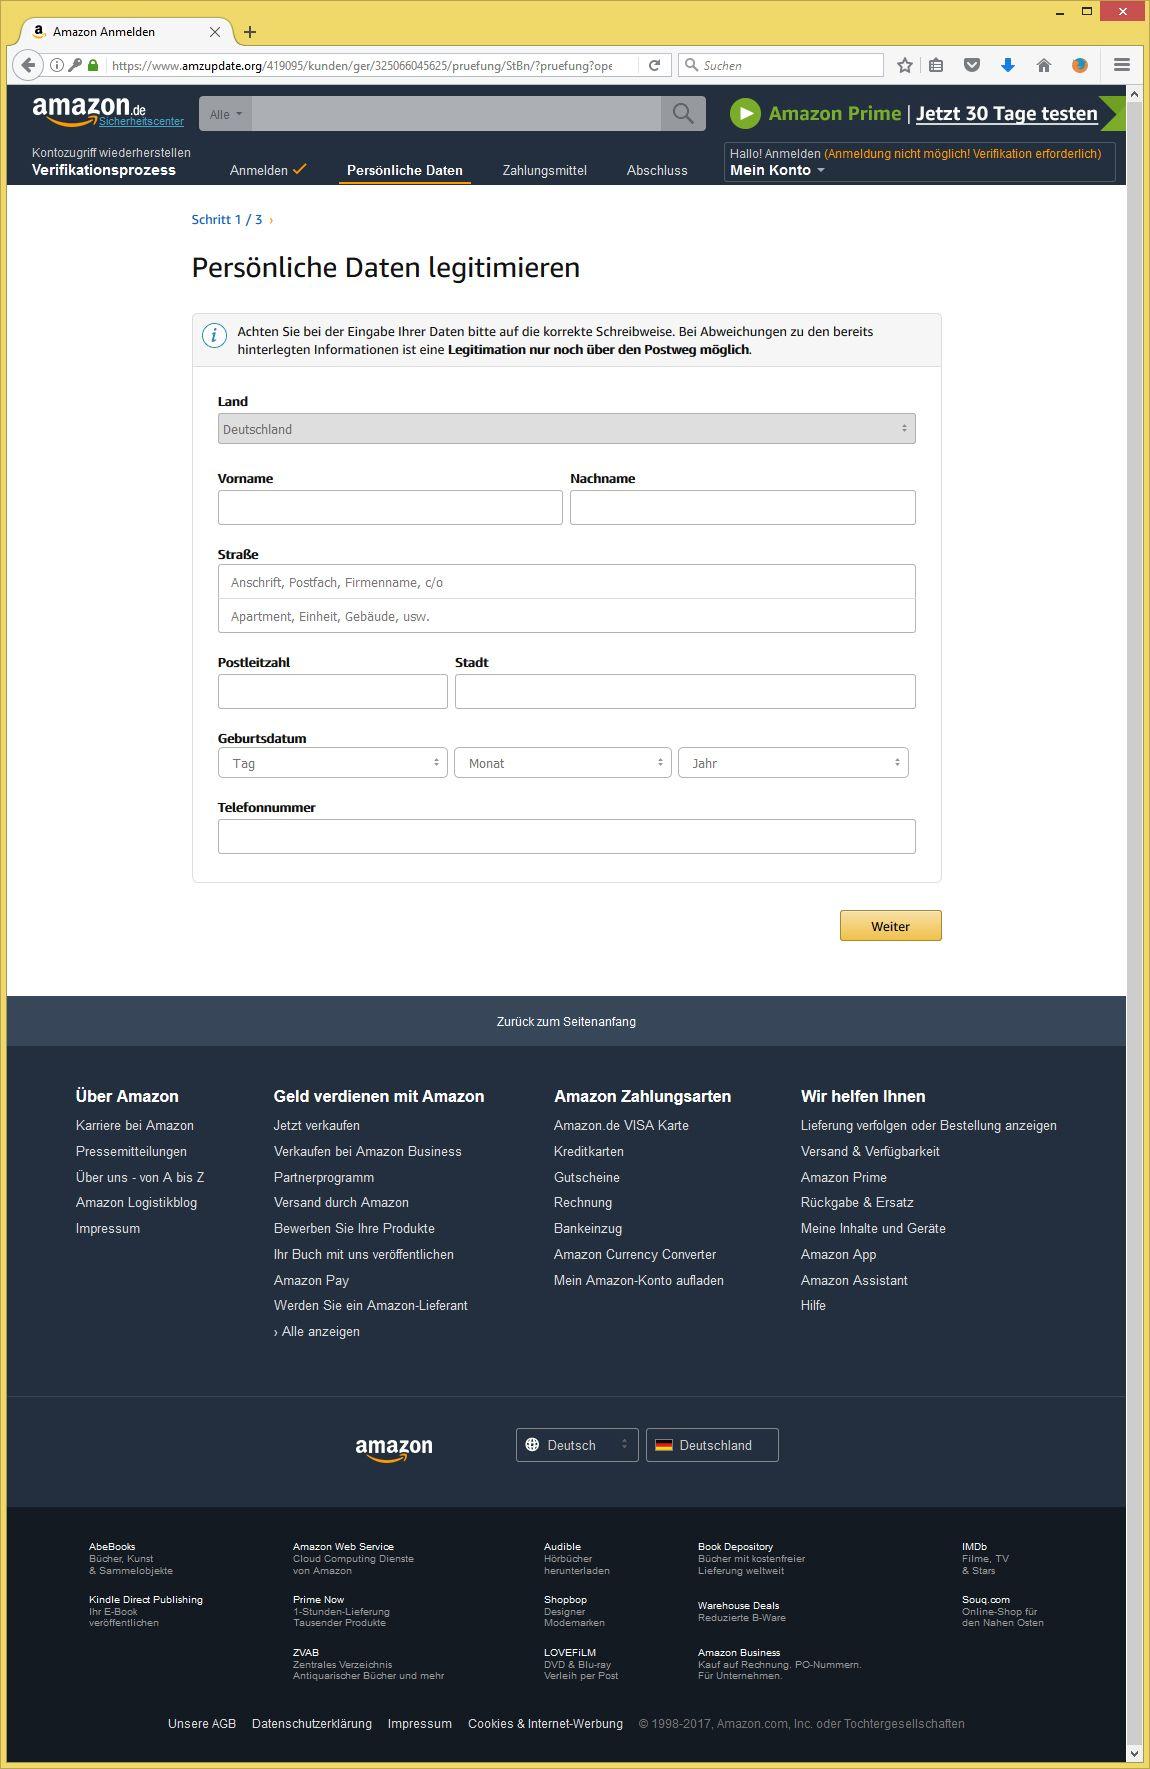 Amazon Kundencenter Spam